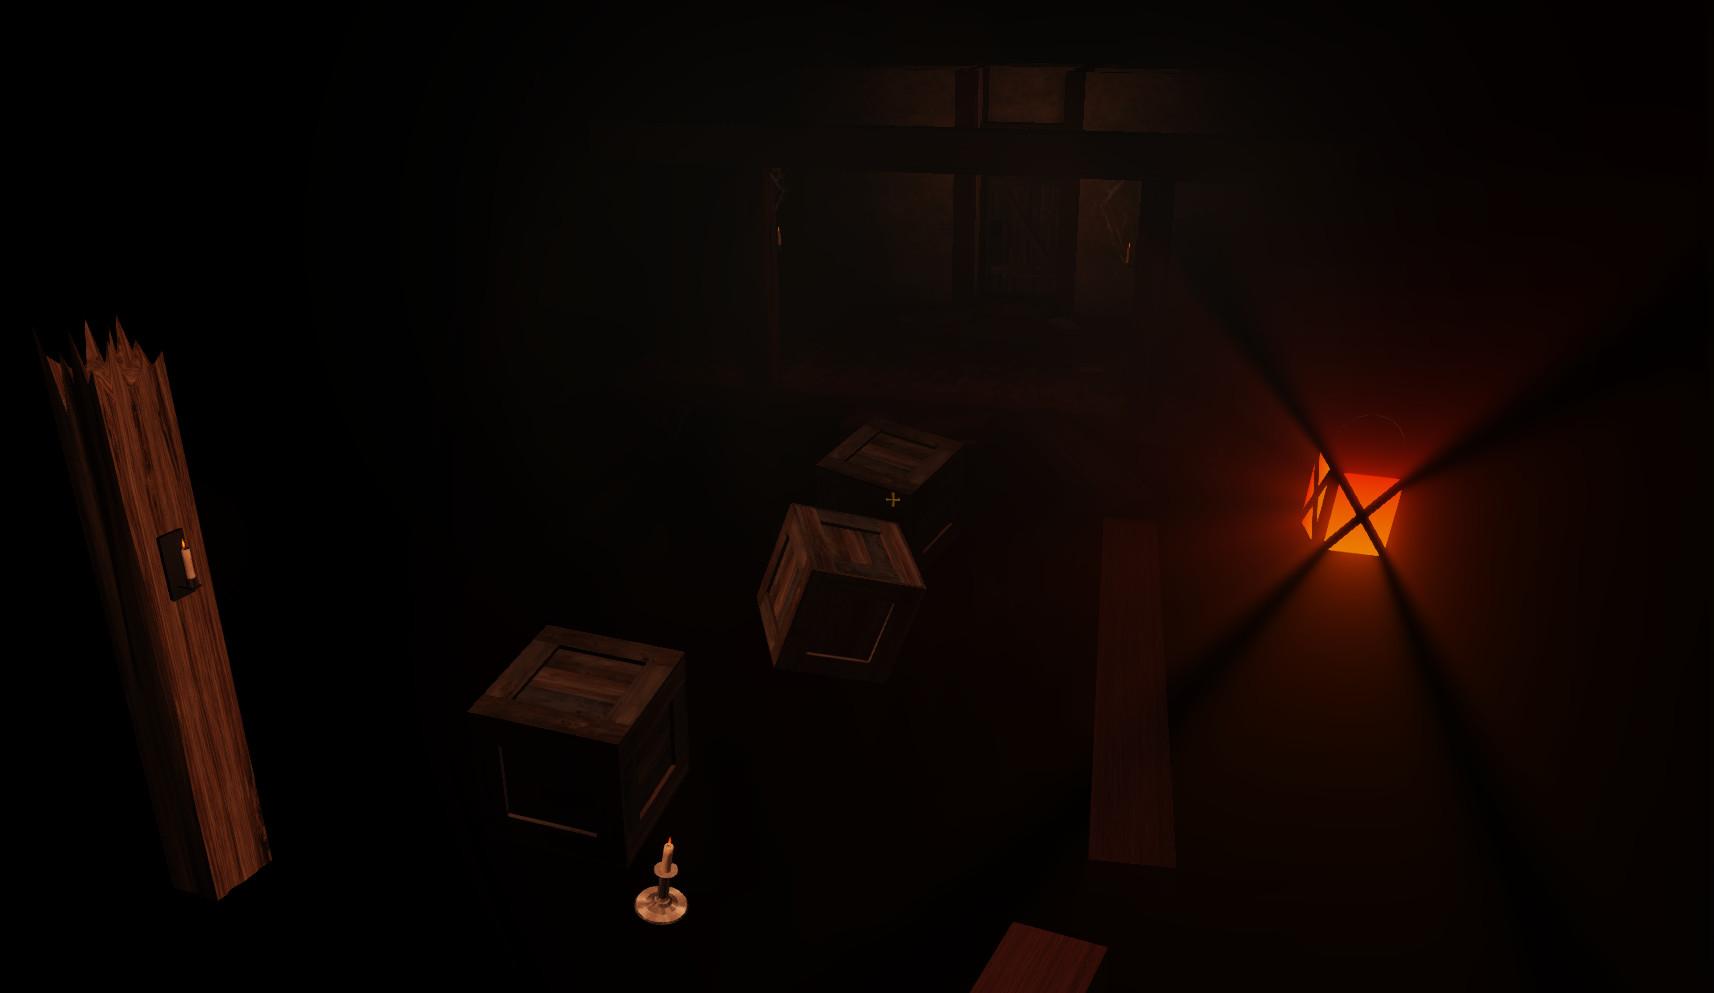 wooden floor game side story. Black Bedroom Furniture Sets. Home Design Ideas